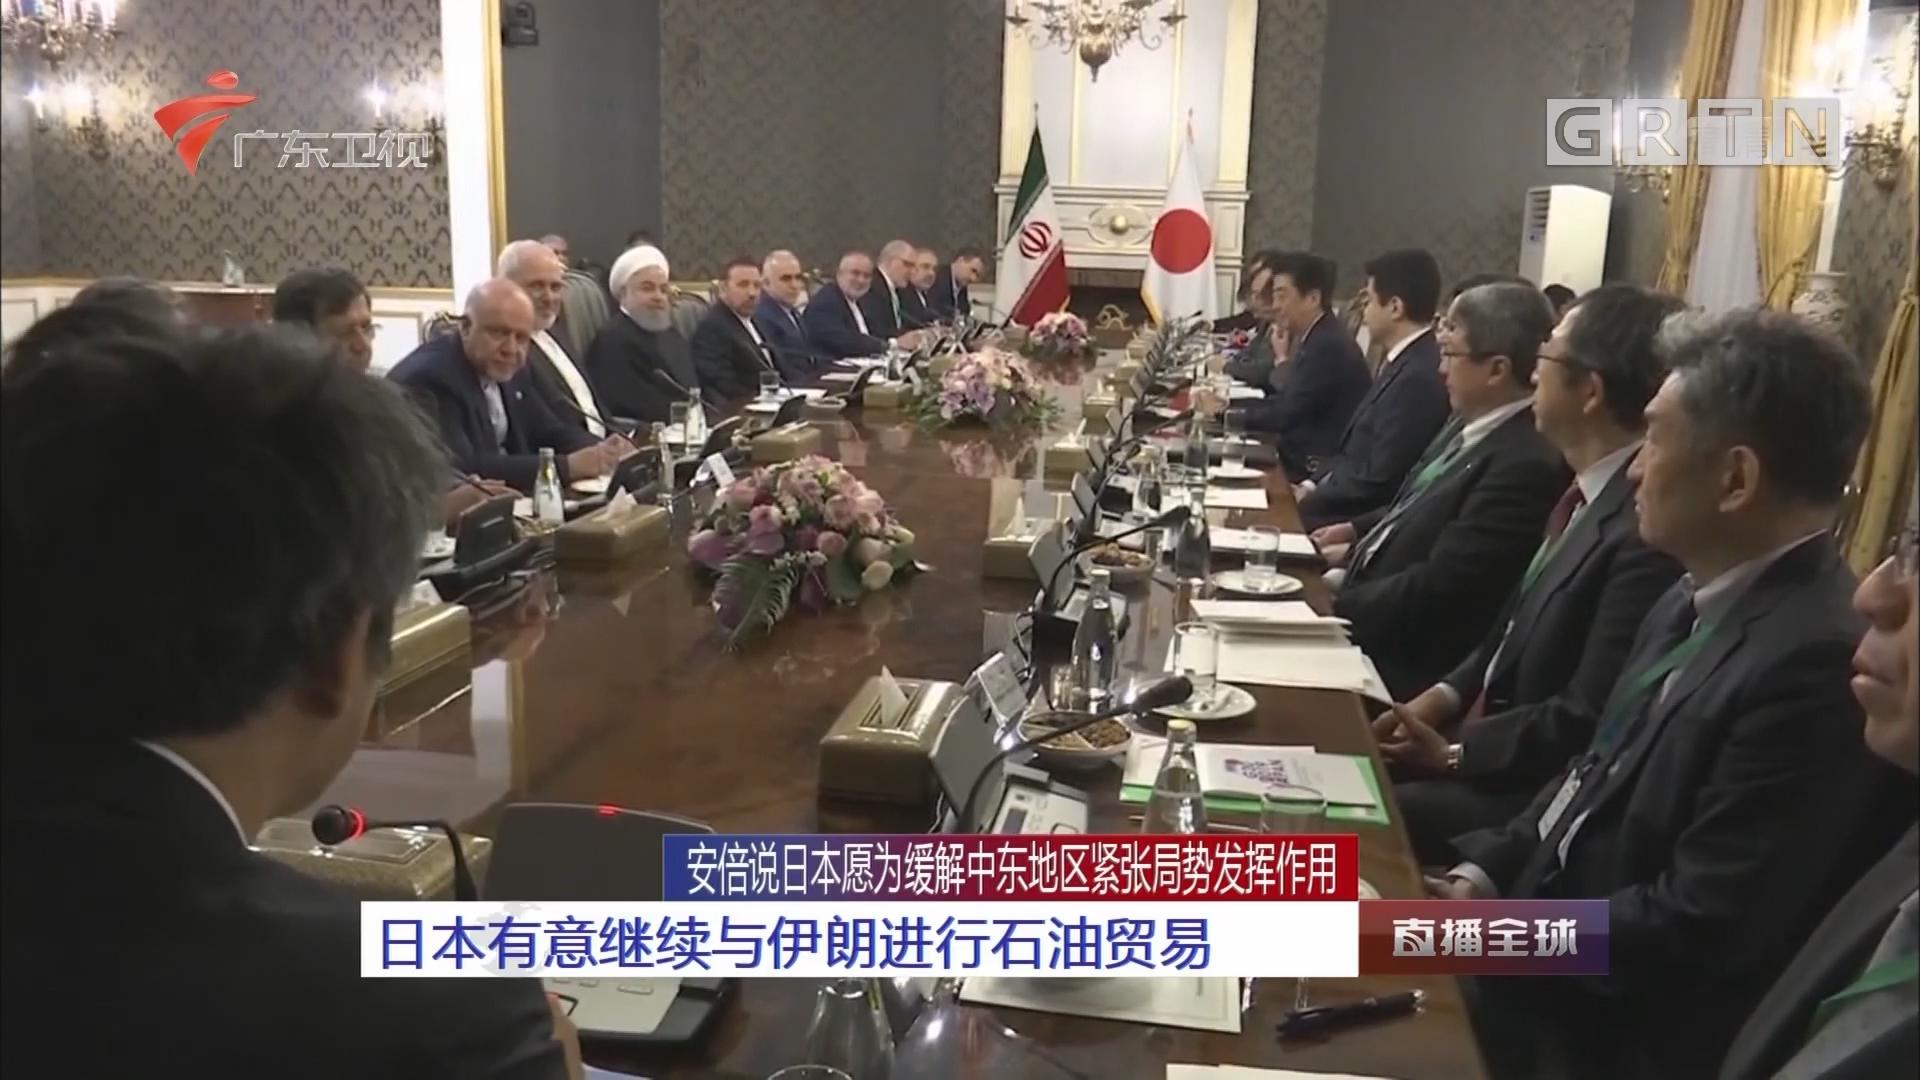 安倍说日本愿为缓解中东地区紧张局势发挥作用 日本有意继续与伊朗进行石油贸易